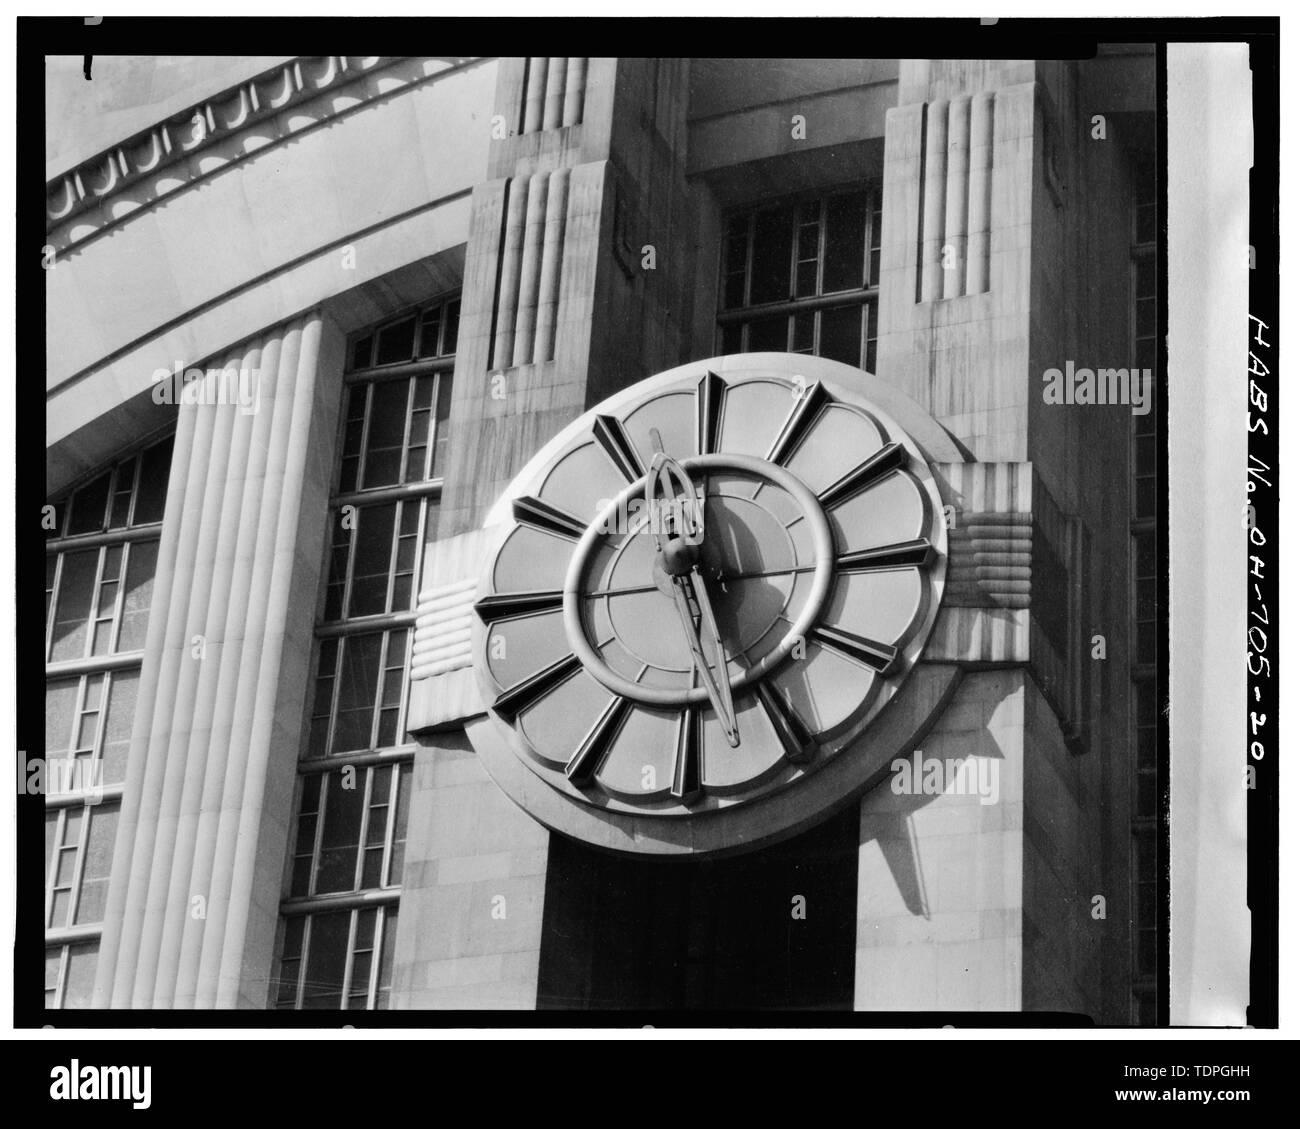 CLOCK ON EAST FRONT - Cincinnati Union Terminal, 1301 Western Avenue, Cincinnati, Hamilton County, OH - Stock Image